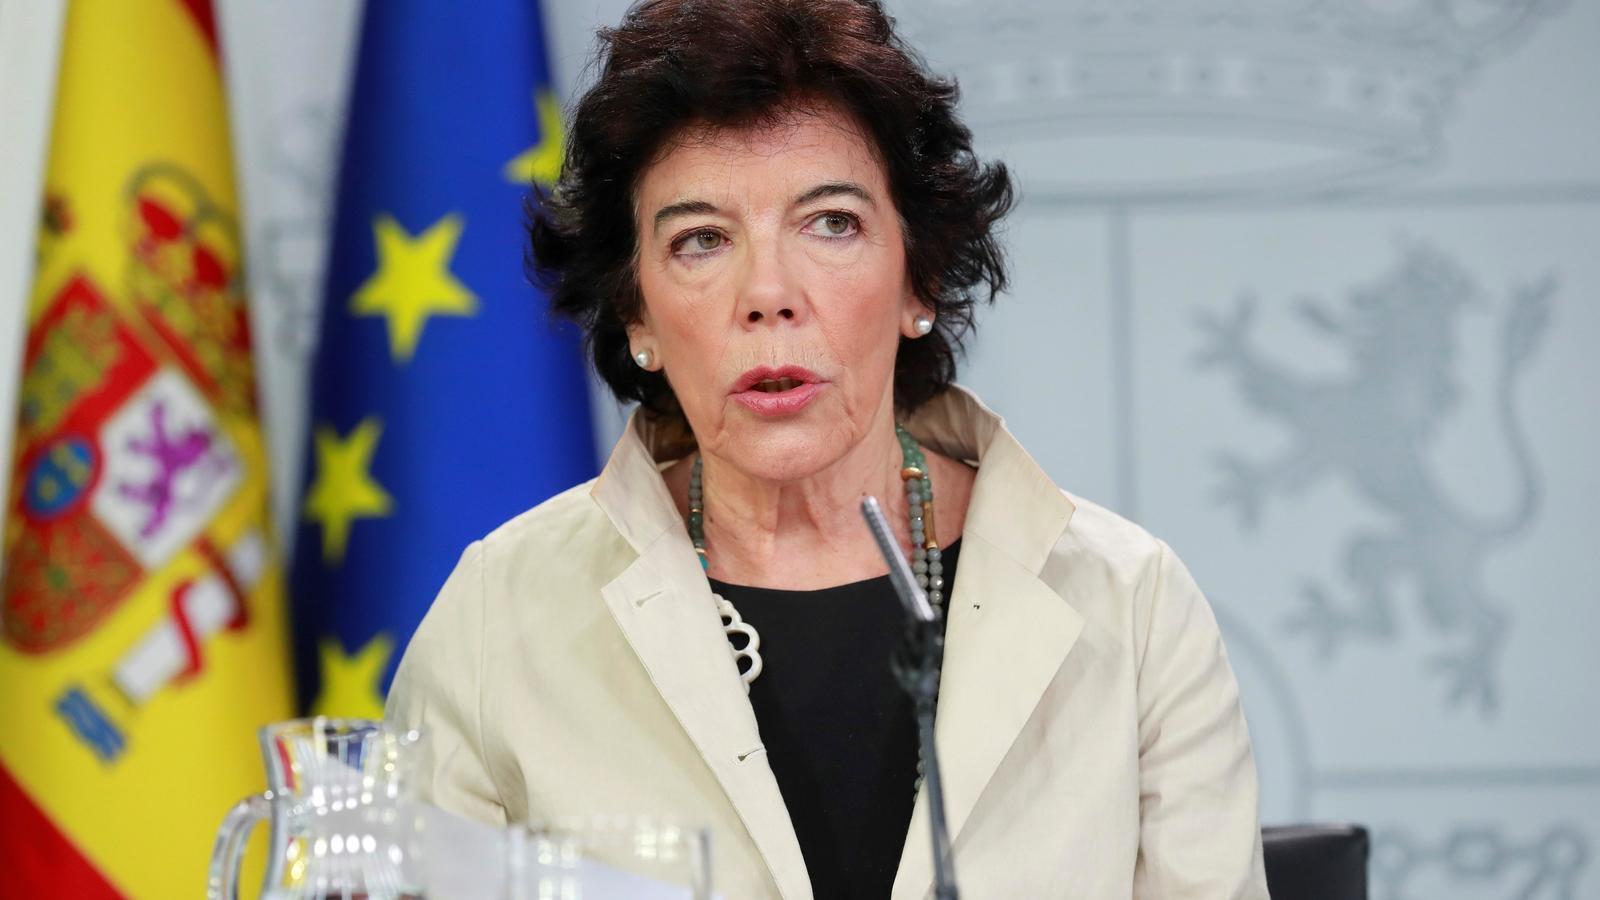 La portaveu del govern espanyol i ministra d'Educació, Isabel Celaá, aquest divendres en la roda de premsa posterior al consell de ministres